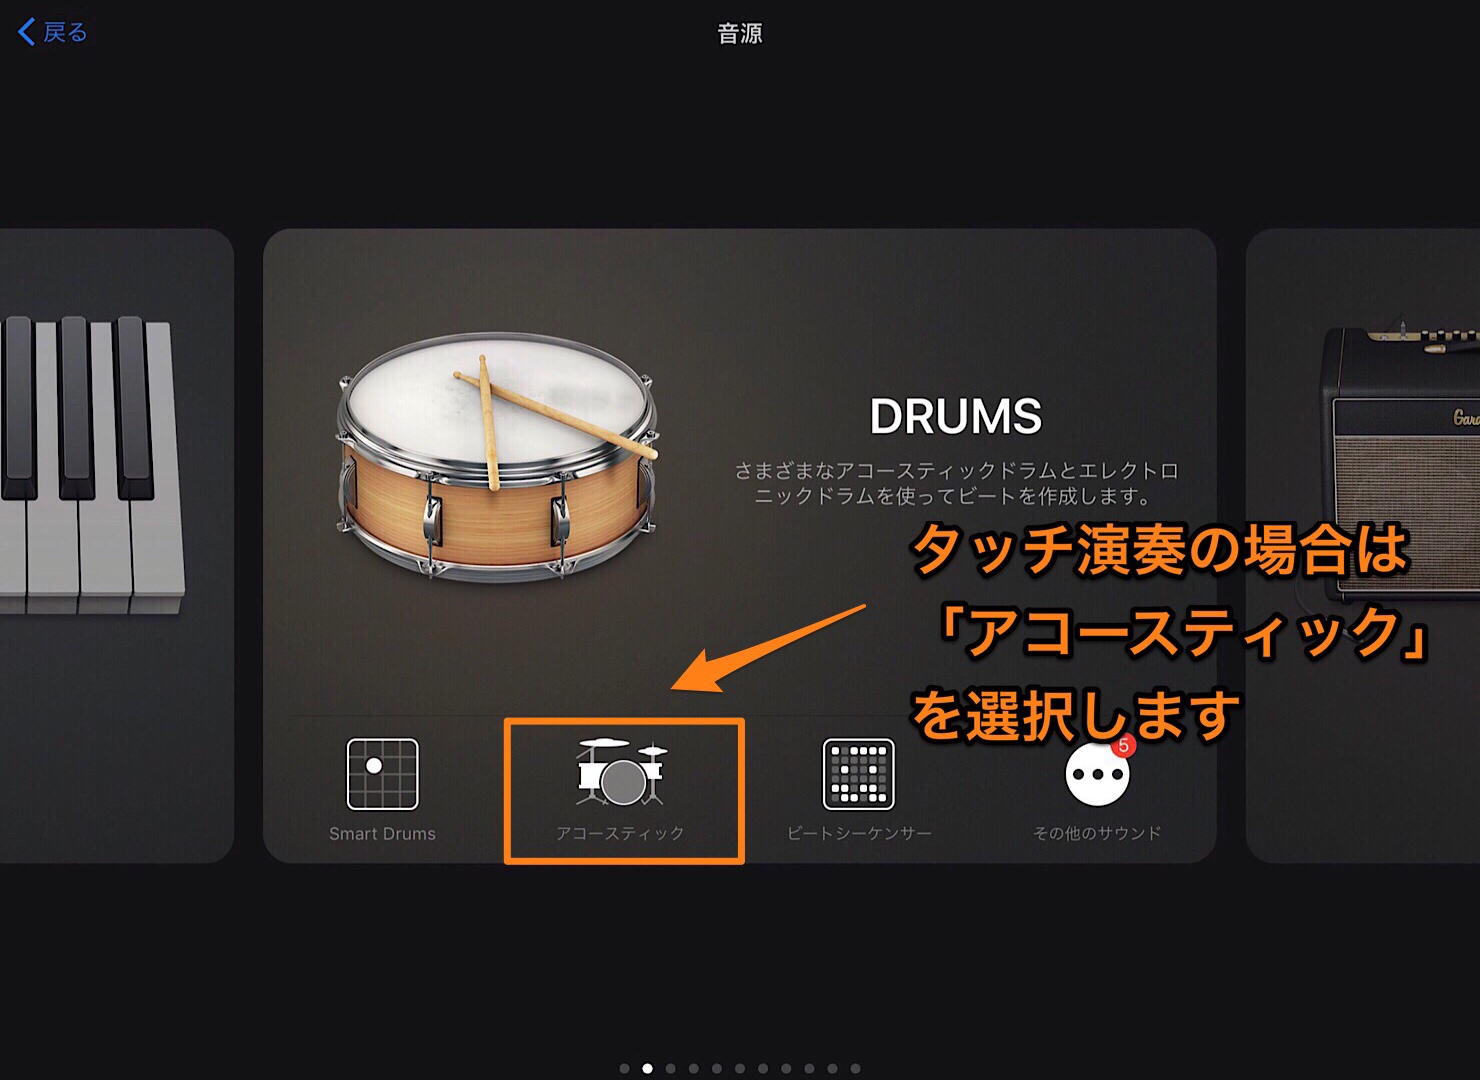 garageband-ios-drums-2-1